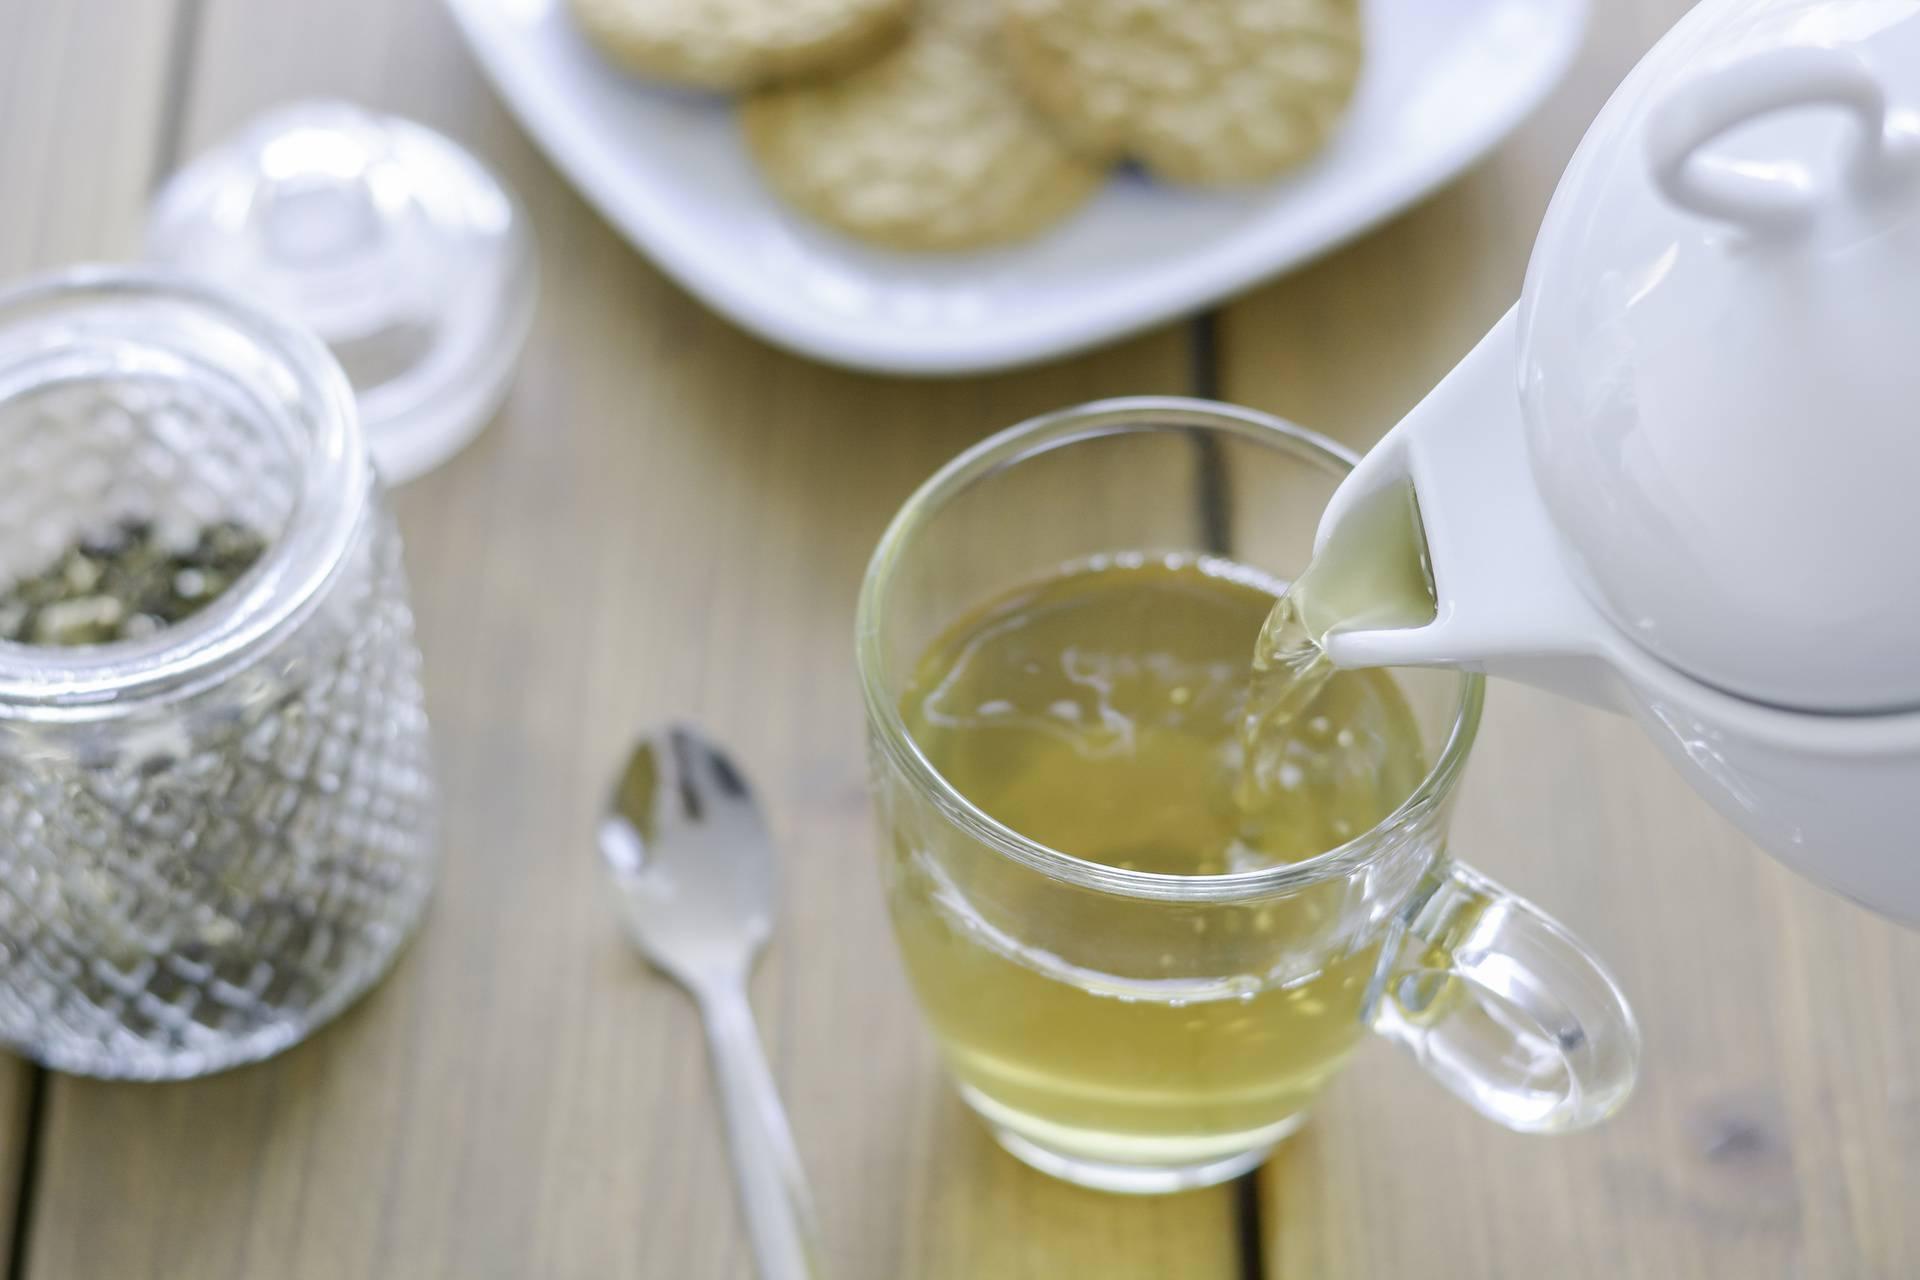 Čaj i zdravlje: Crni štiti pluća, a đumbir pomaže kod glavobolje